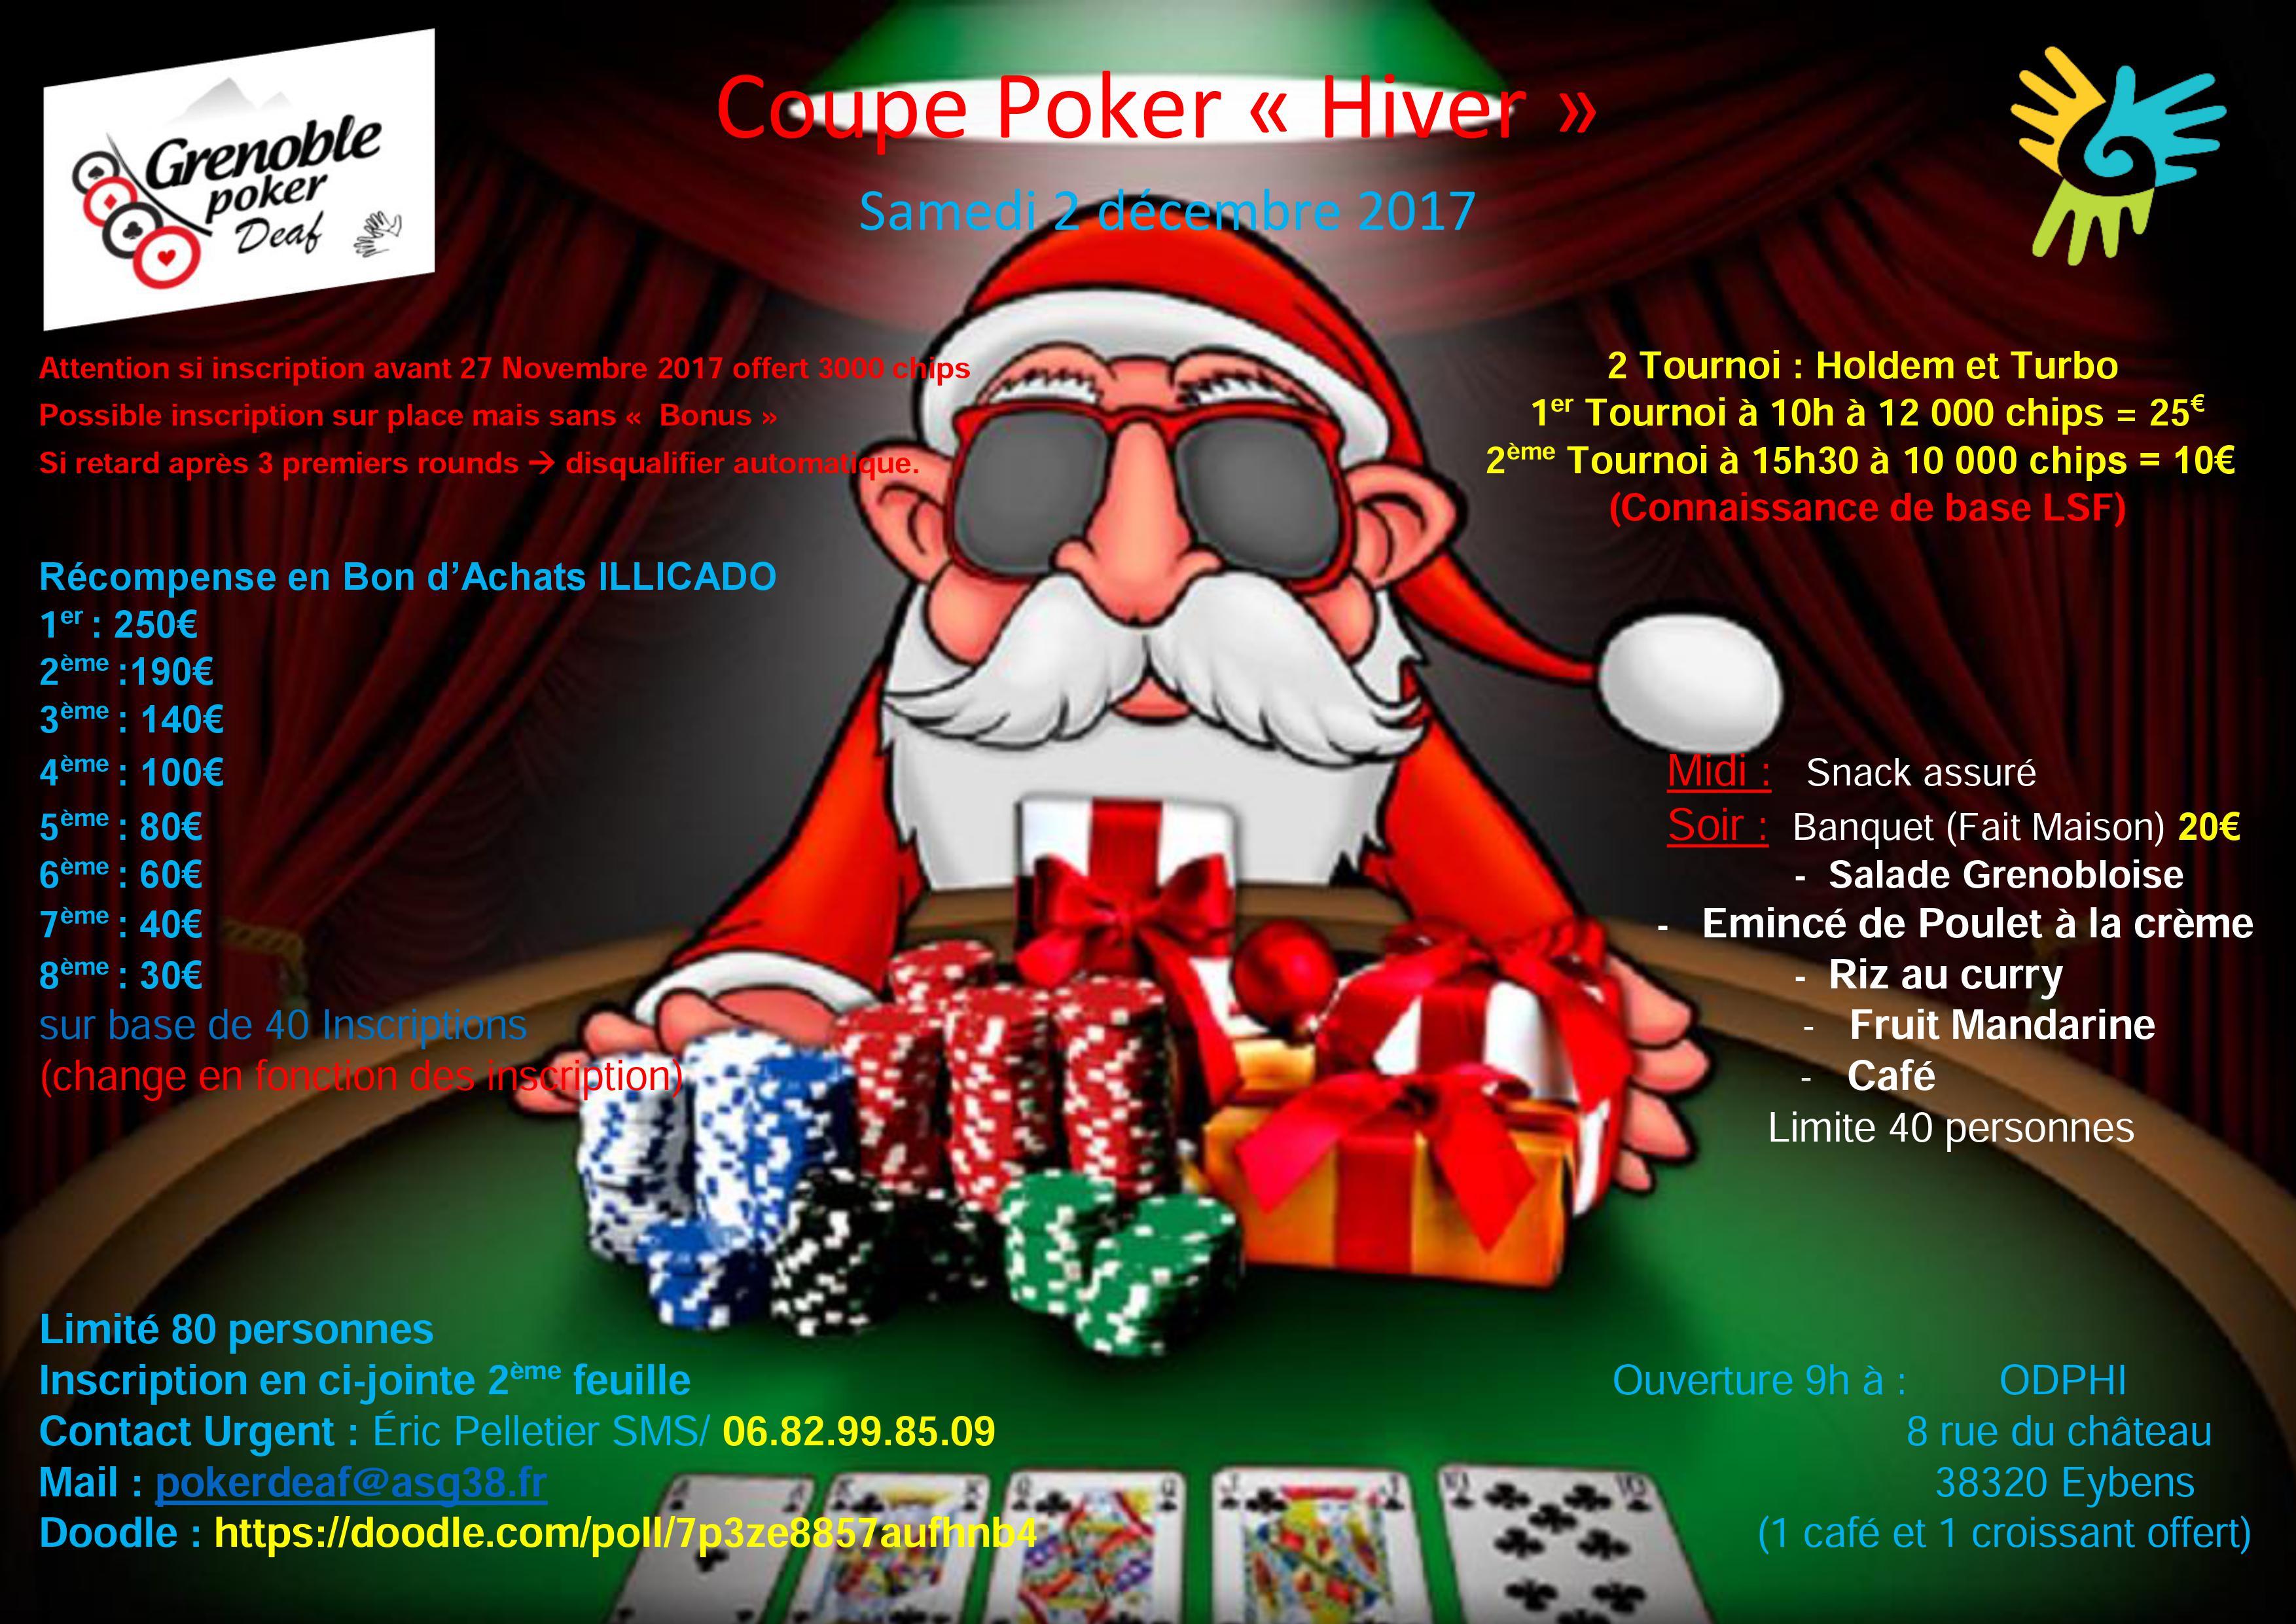 Coupe Poker hiver (grenoble) 2 decembre 2017